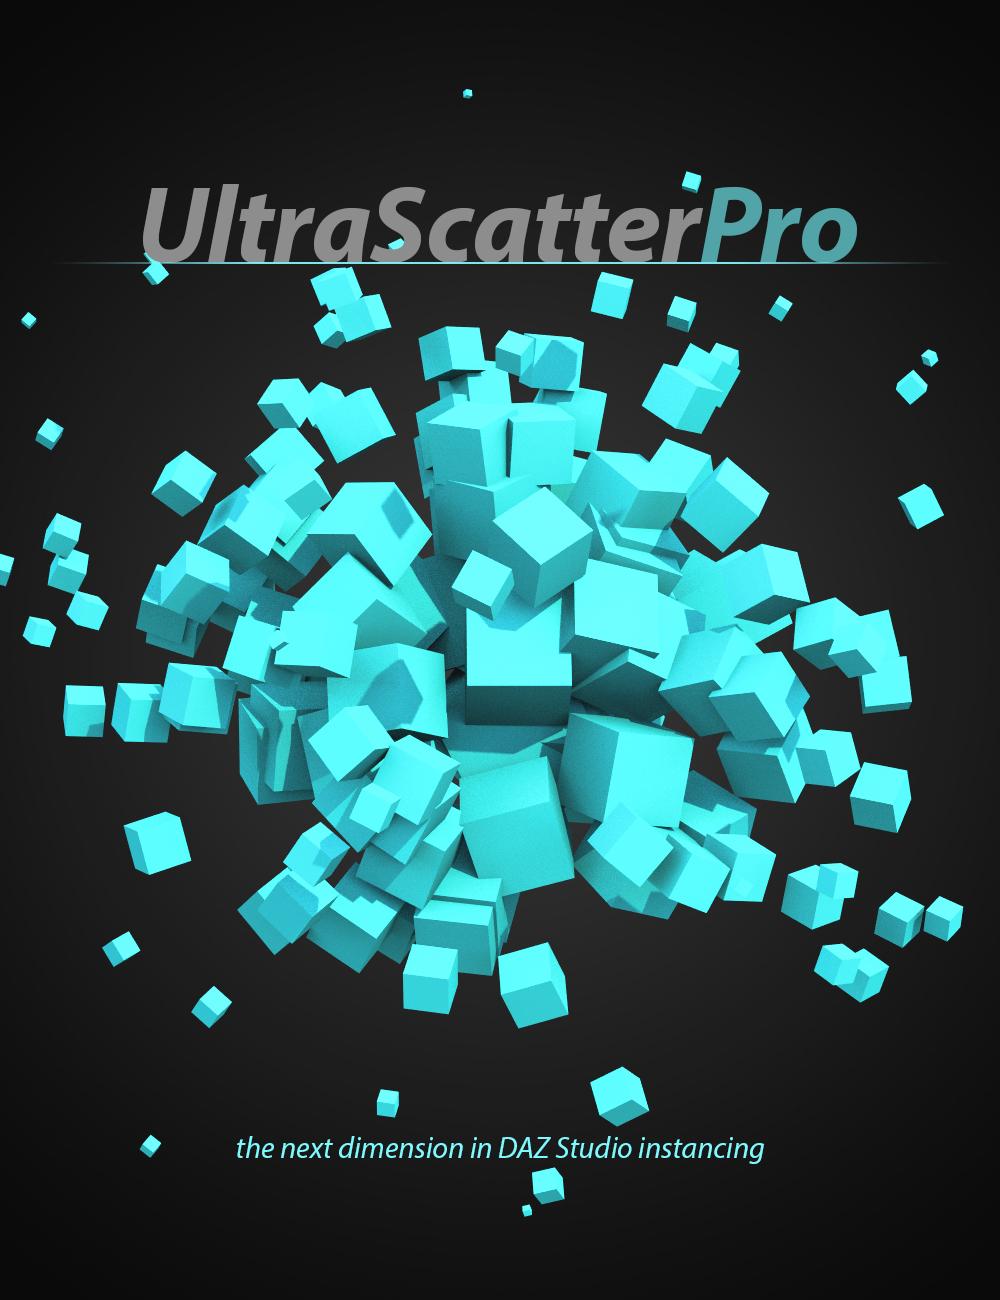 UltraScatterPro by: HowieFarkes, 3D Models by Daz 3D